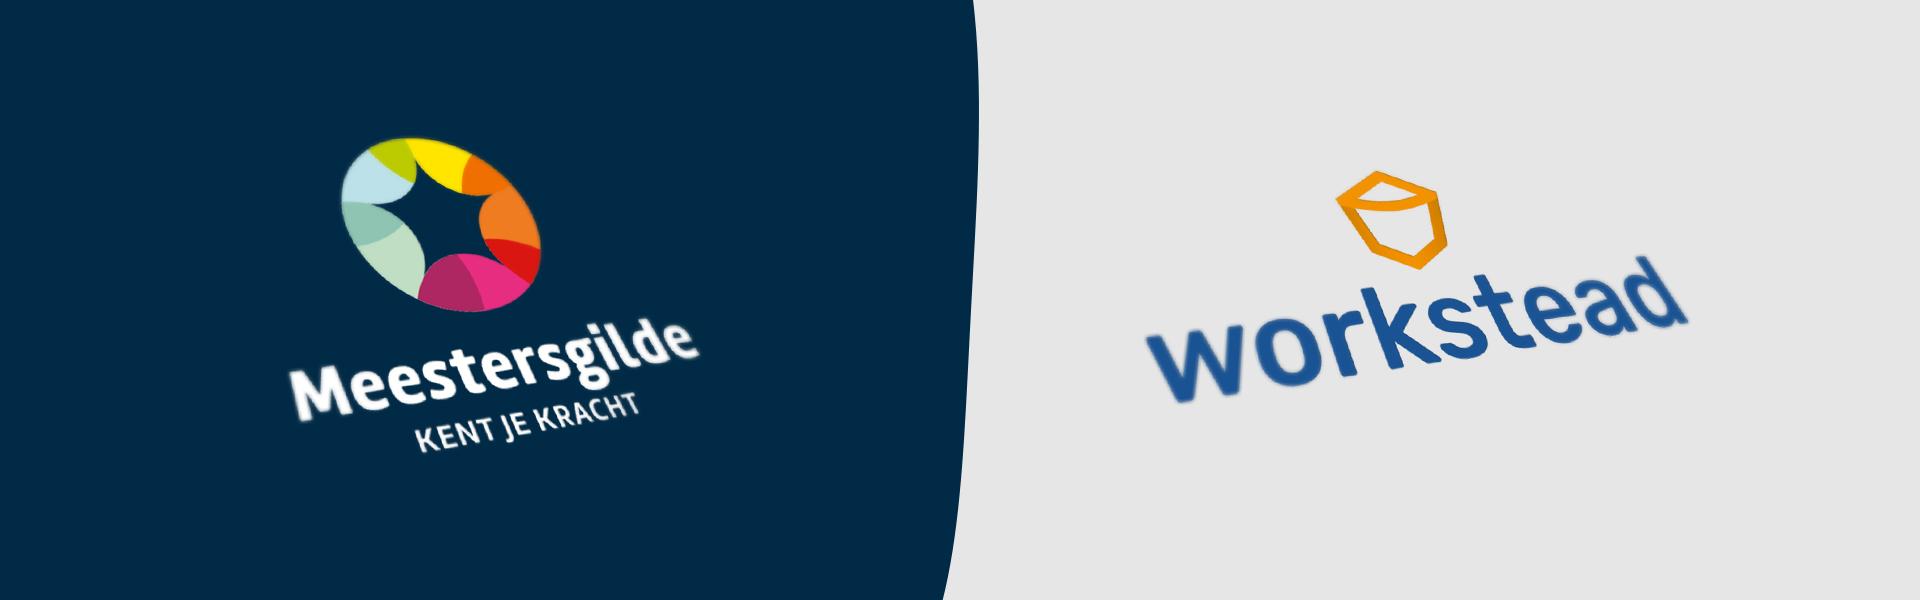 Unieke bedrijfsnaam bedenken - Meestersgilde - Workstead